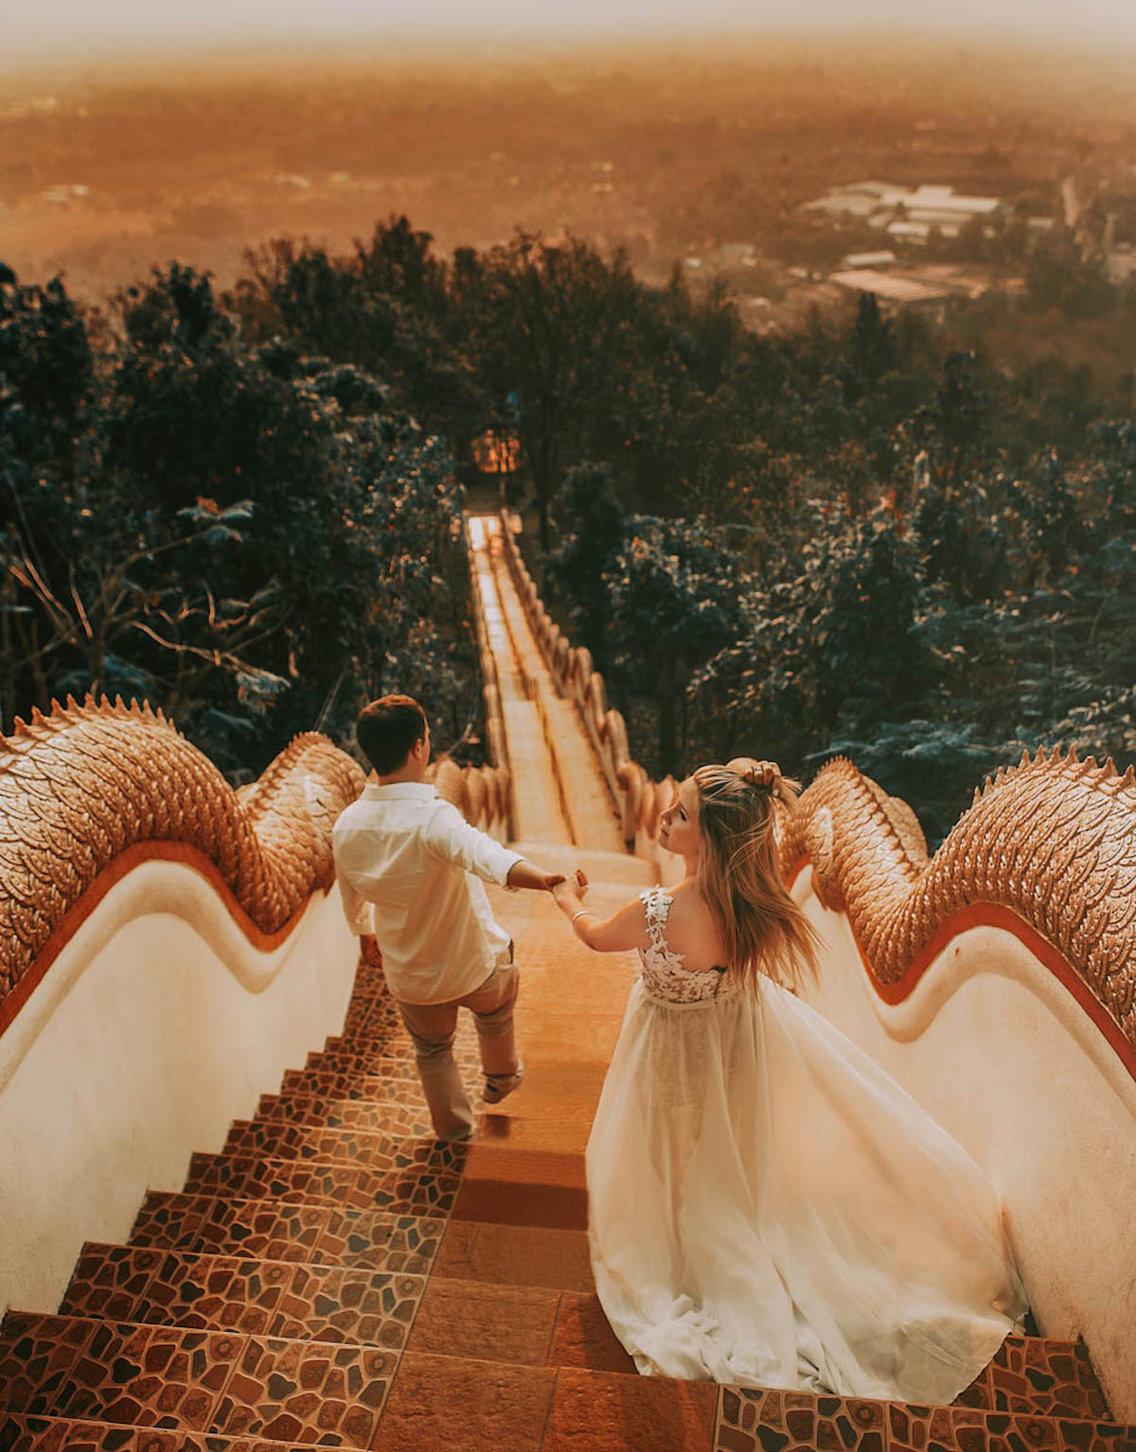 Самый счастливый день: лучшие свадебные фотографии 2017 года Самый счастливый день: лучшие свадебные фотографии 2017 года 5a981a48aae6051c008b465d 1136 1452